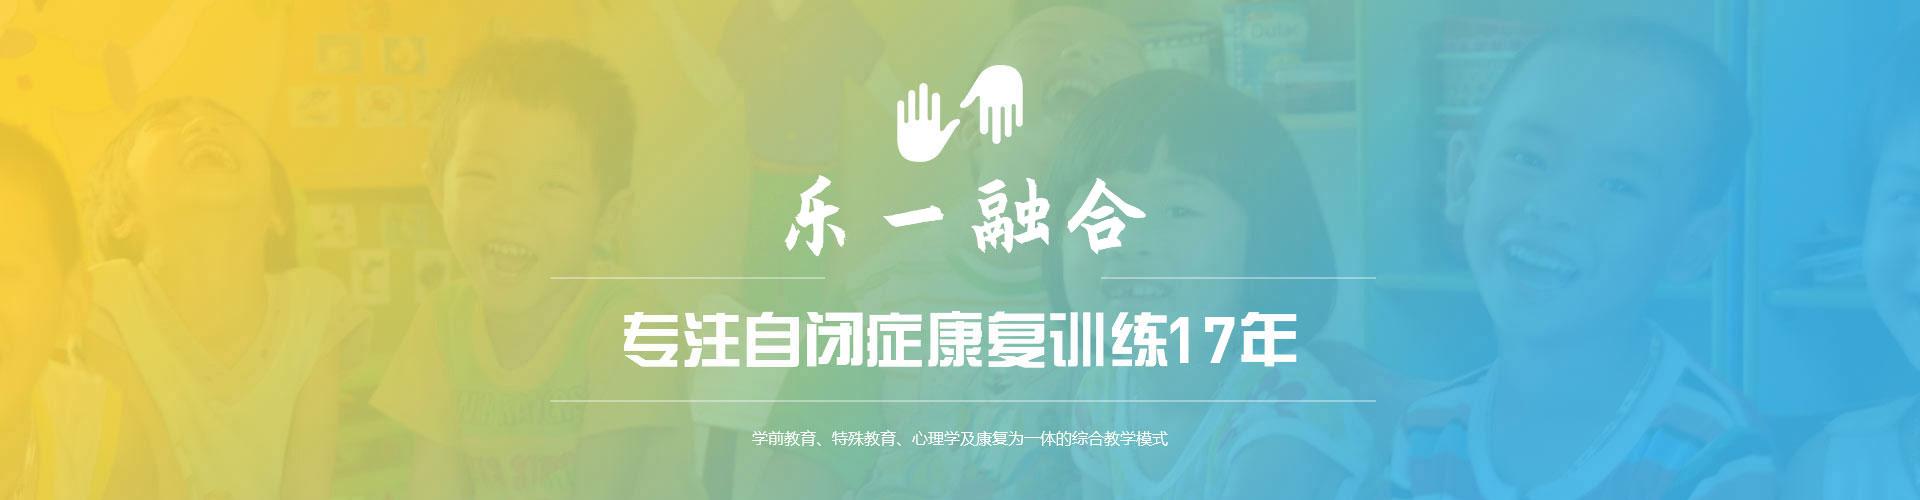 重庆自闭症治疗